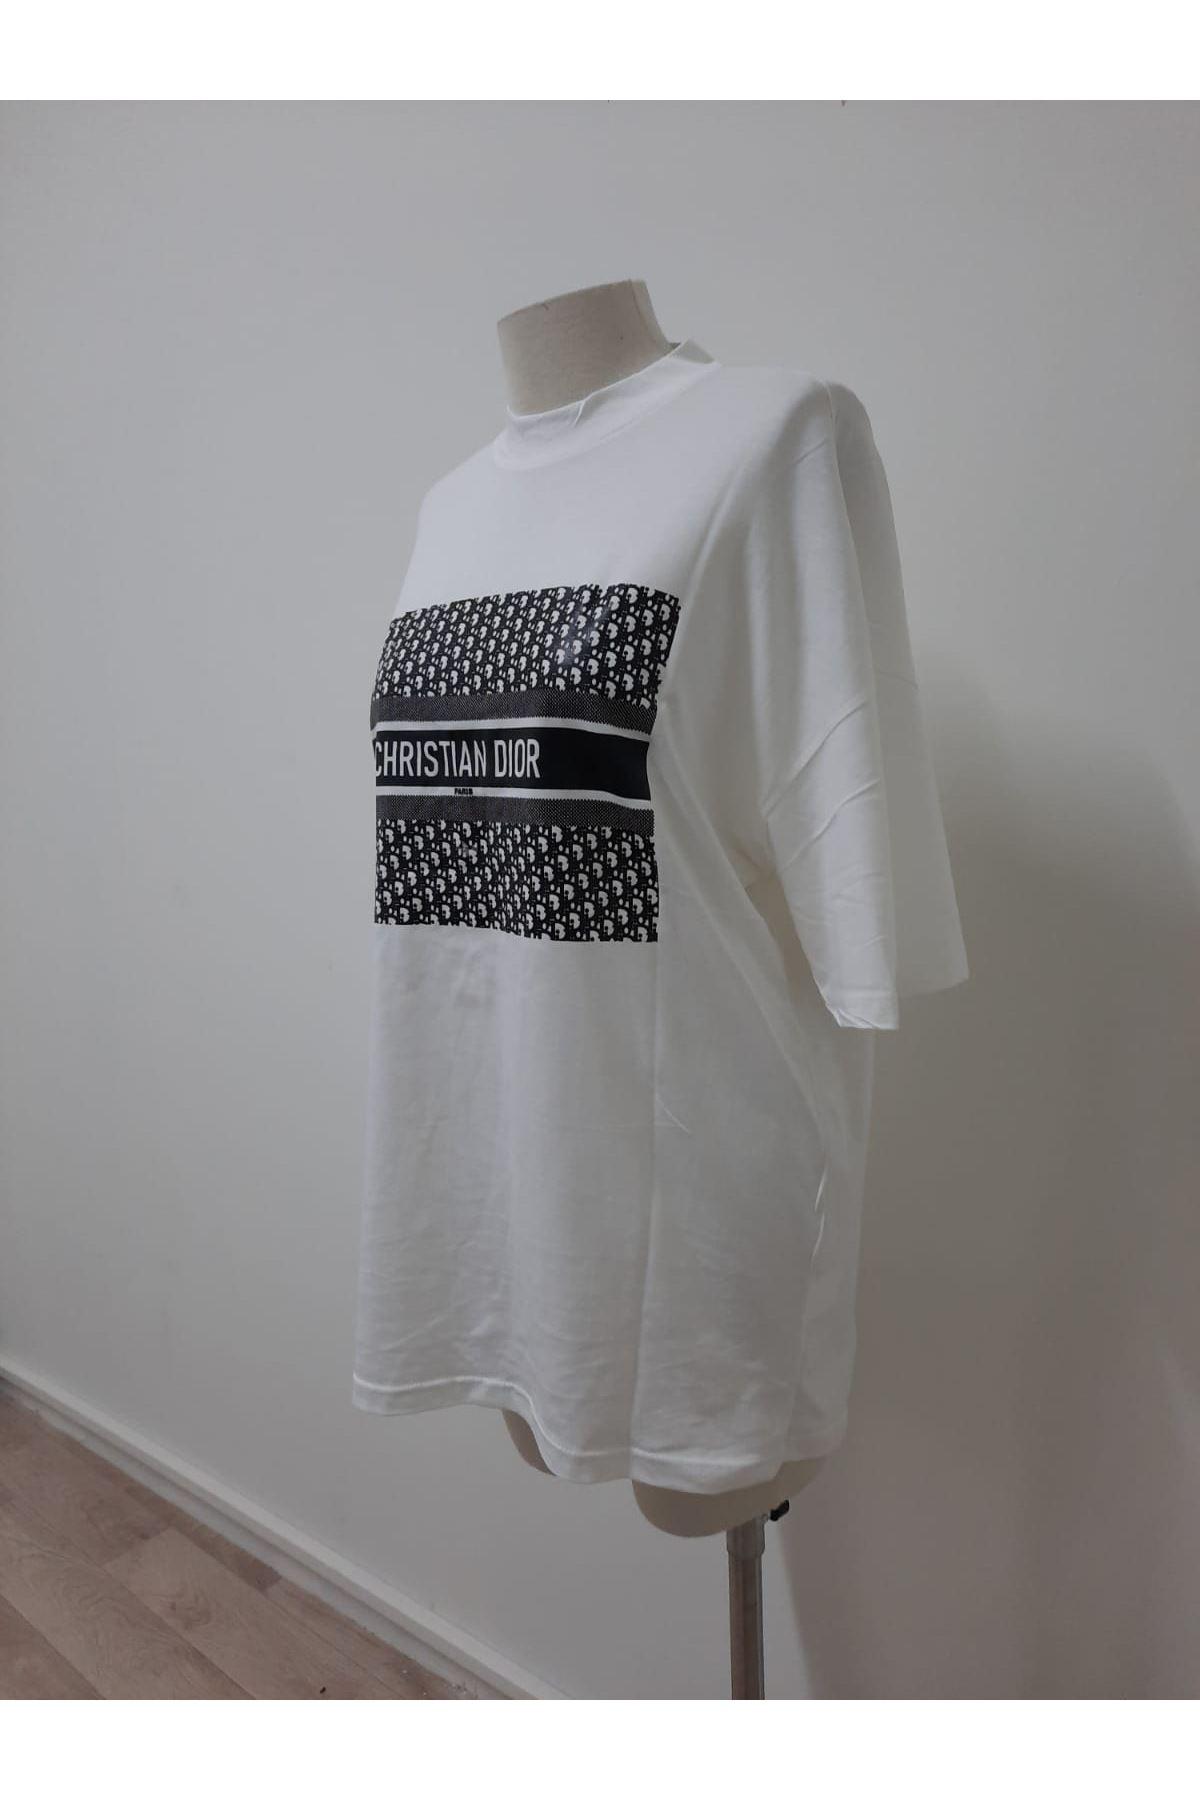 Dıor Baskılı Tshirt - Beyaz